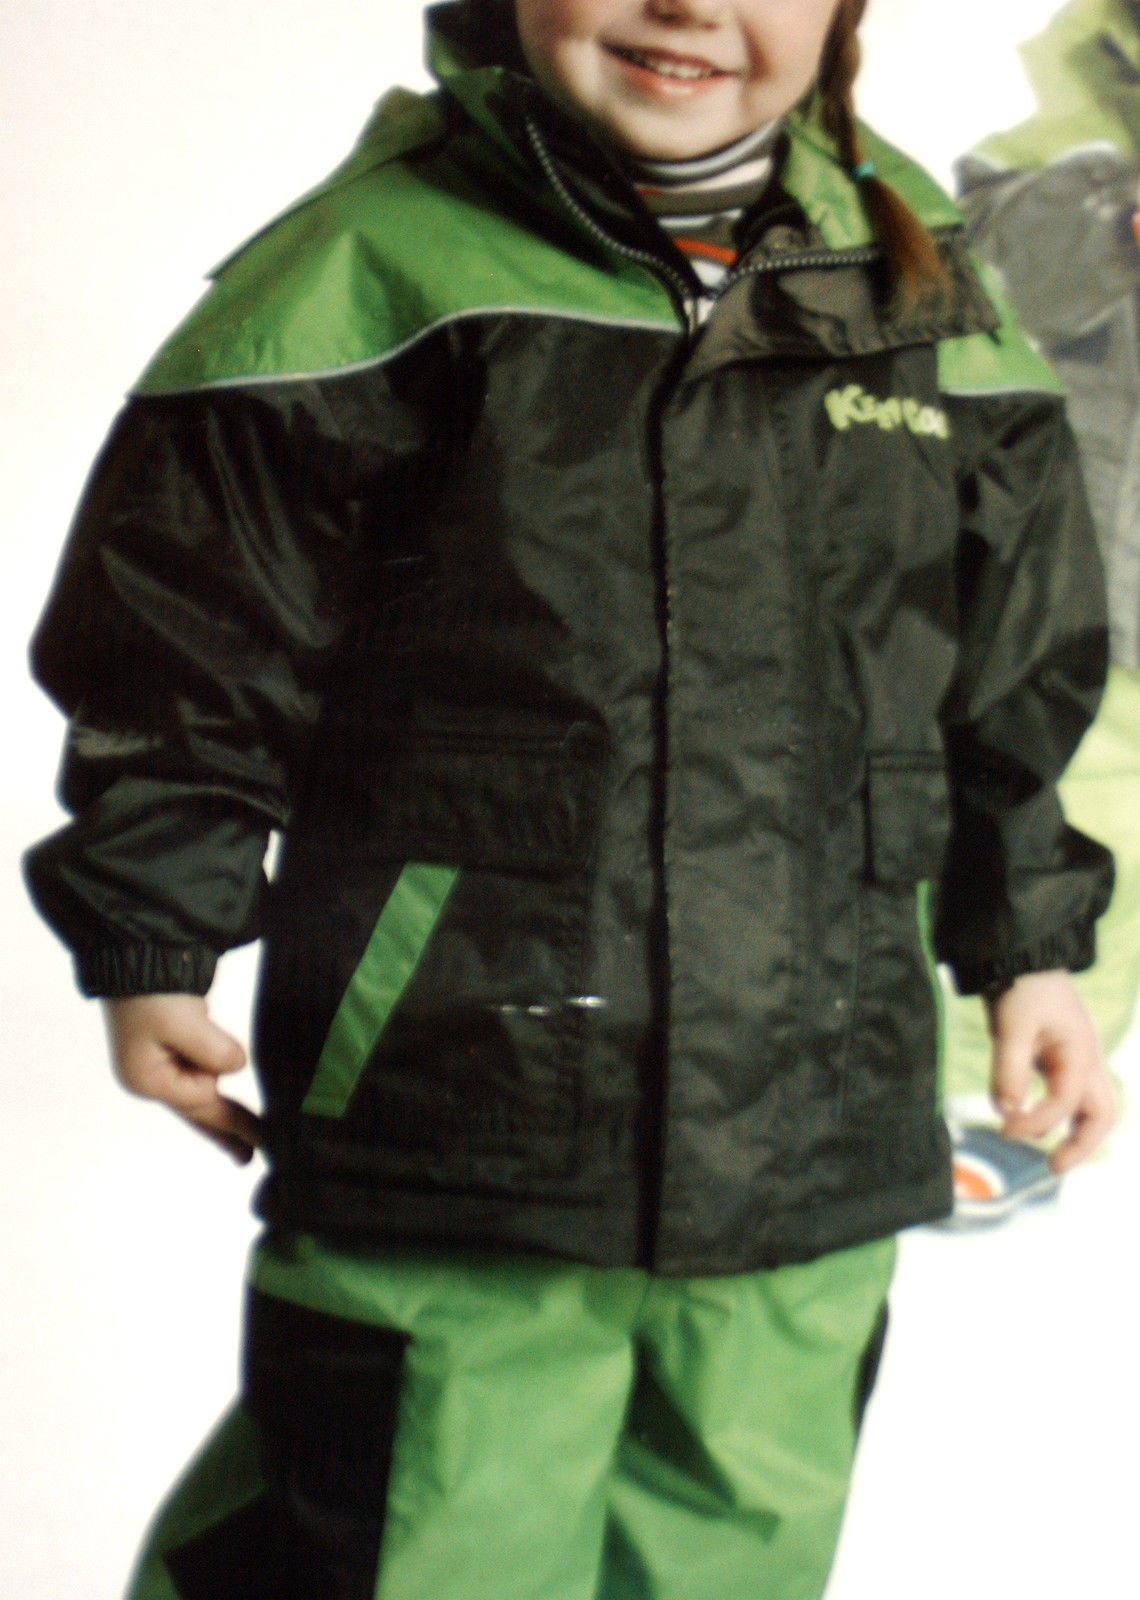 coole KINDER REGENJACKE*Gr.92*warmes Fleece Innenfutter*oliv/grüntöne *NEU*